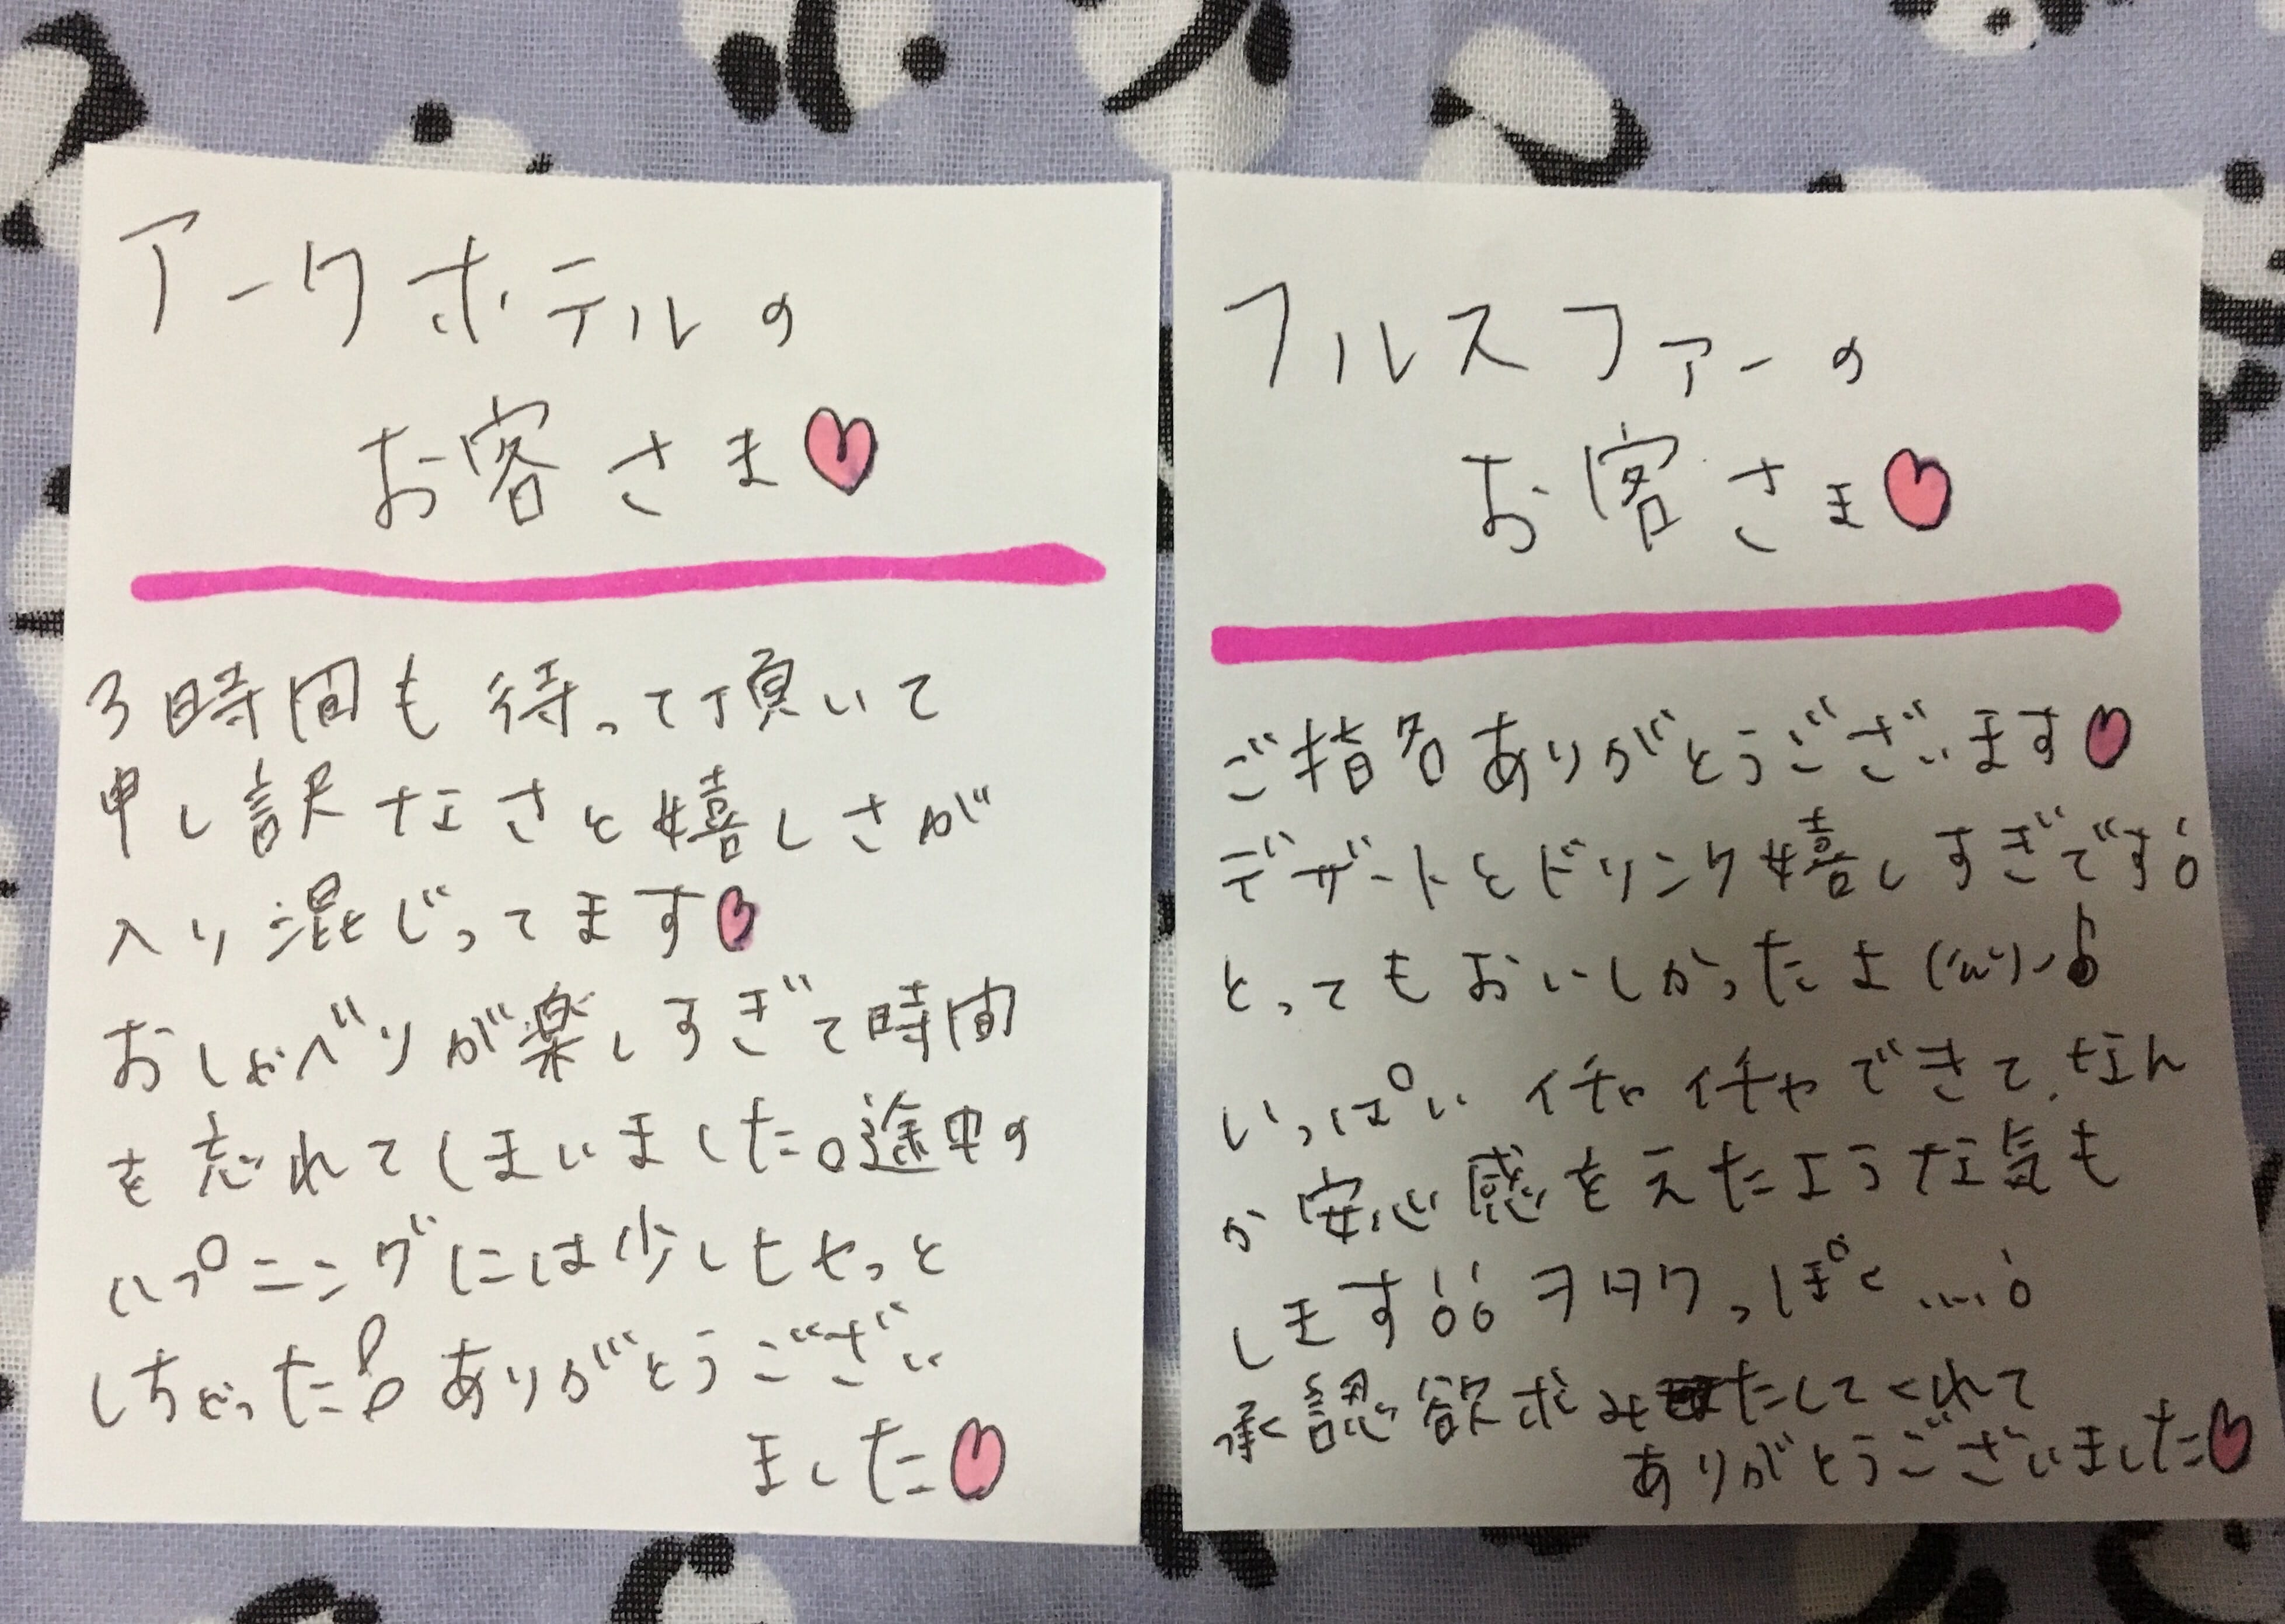 シオン「おれい(最後」10/24(火) 07:56   シオンの写メ・風俗動画